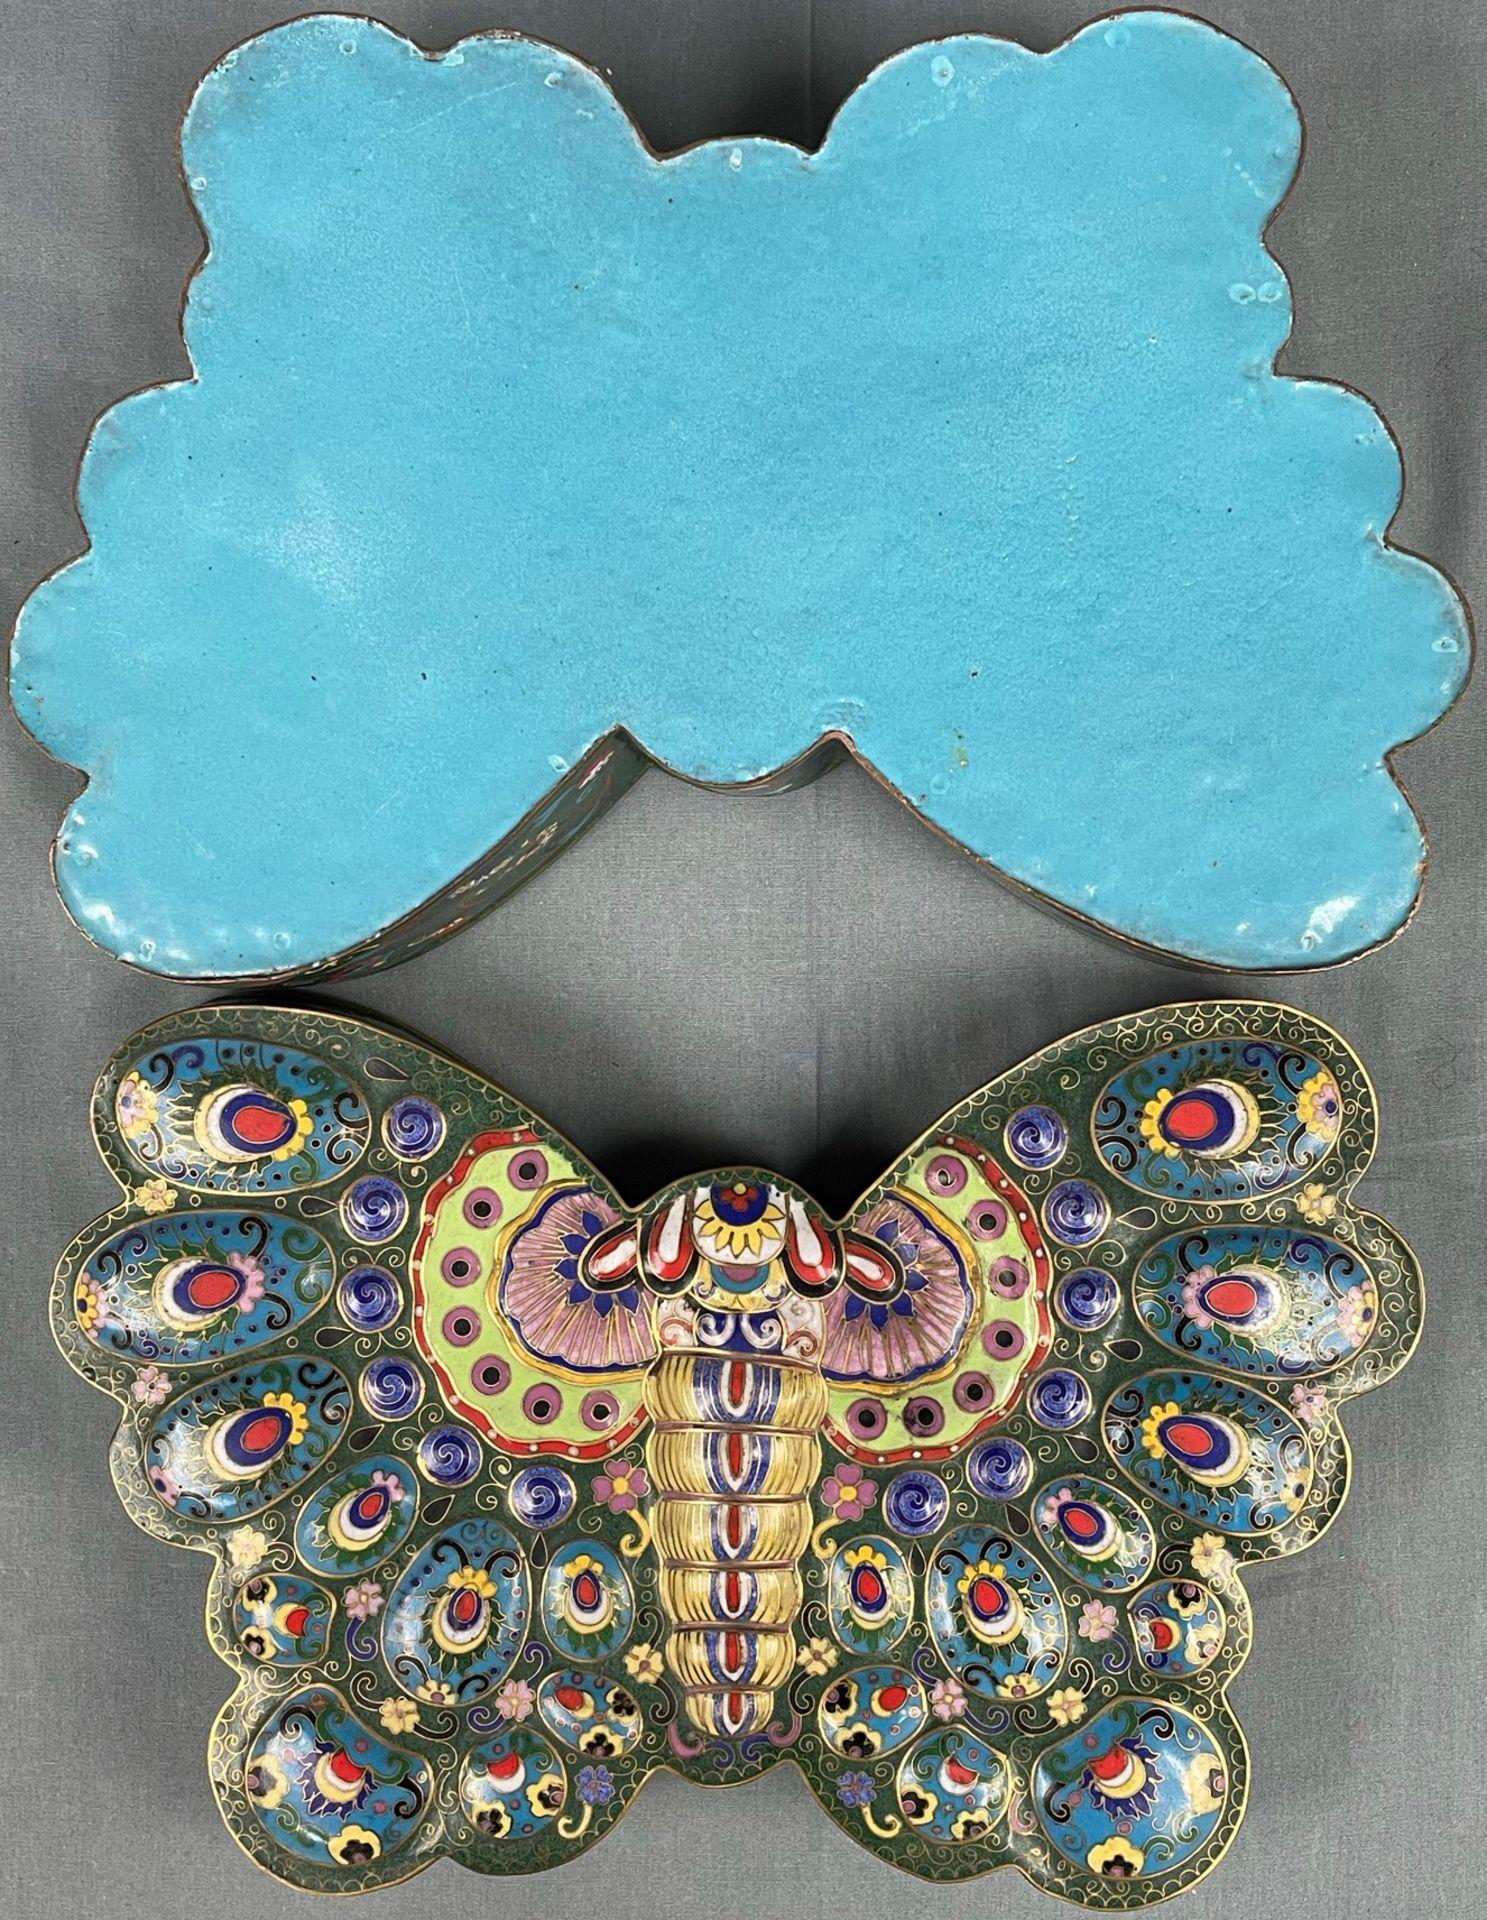 Cloisonné Papillon Schatulle mit Deckel. - Image 8 of 12